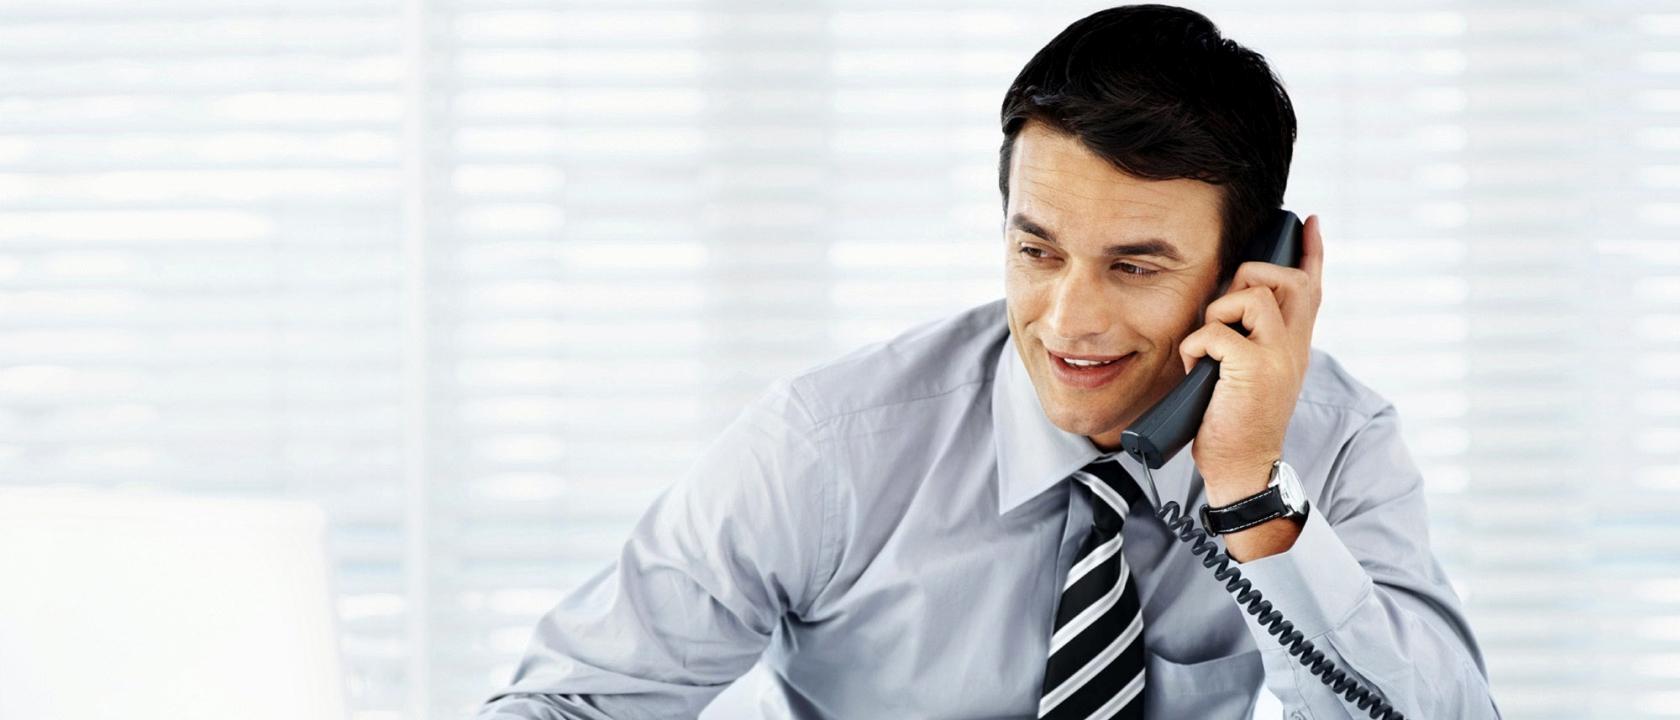 business-telefonie-internet_4fc029749162cf061cea9f9b8b55c3b1_1680x720